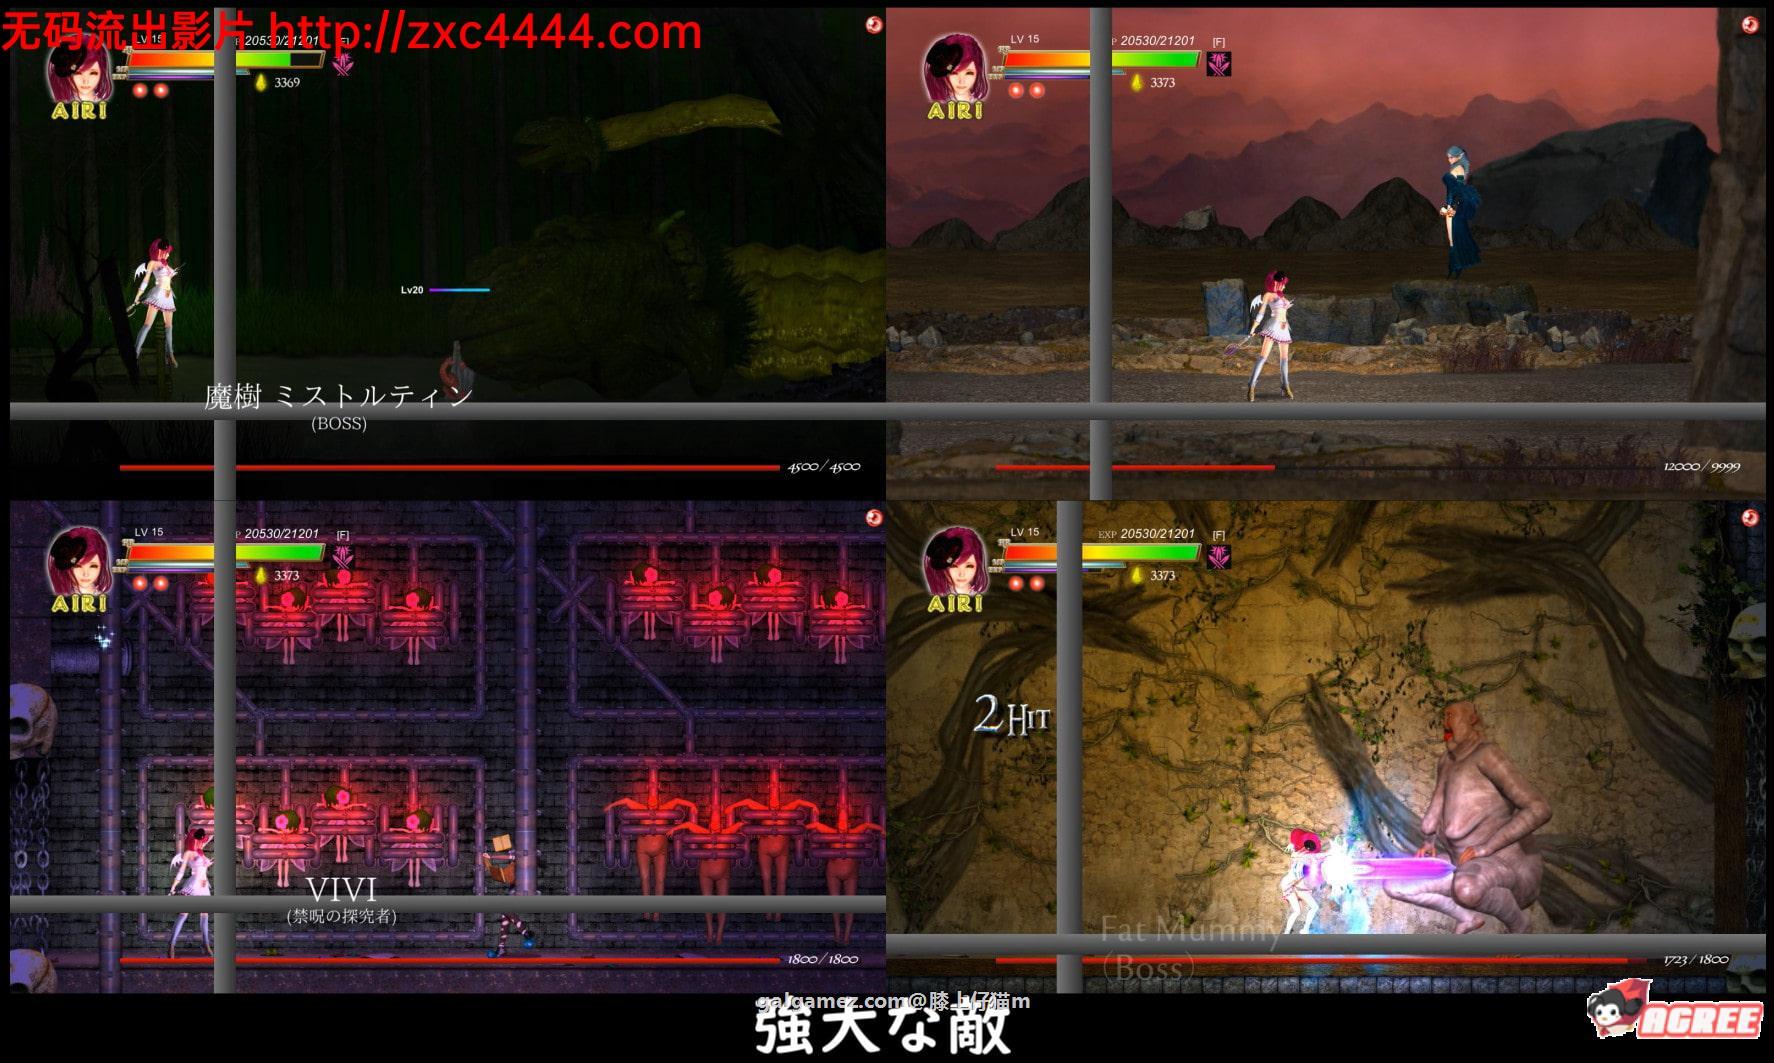 【大型ACT/中文/全动态】AIRI地狱:纯白女神与亡者之都 V1.20官中版+全DLC+存档【8G】 8